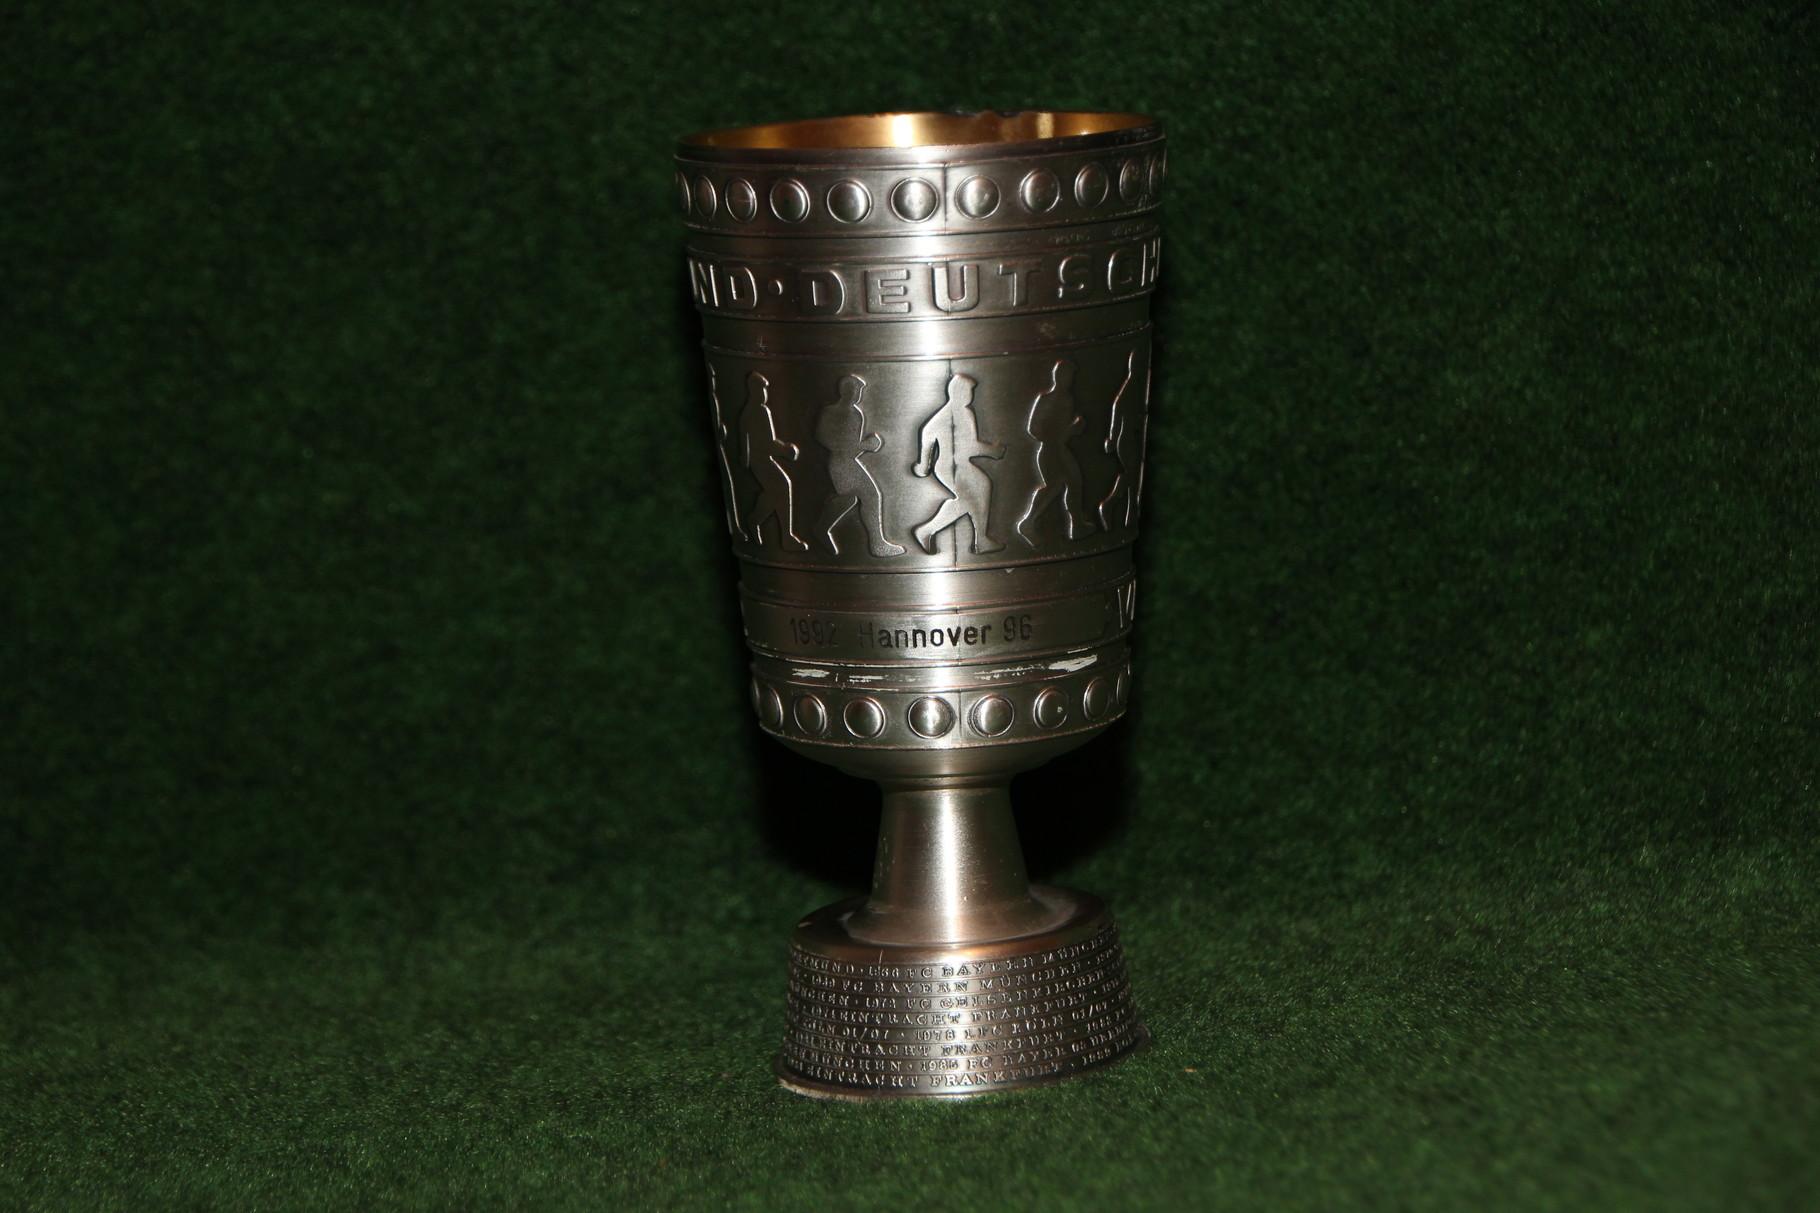 Original Miniaturnachbildung des DFB-Pokals des deutschen Pokalsiegers von Zinn Becker. In diesem Fall zum Anlass des Pokalsieges von Hannover 96.